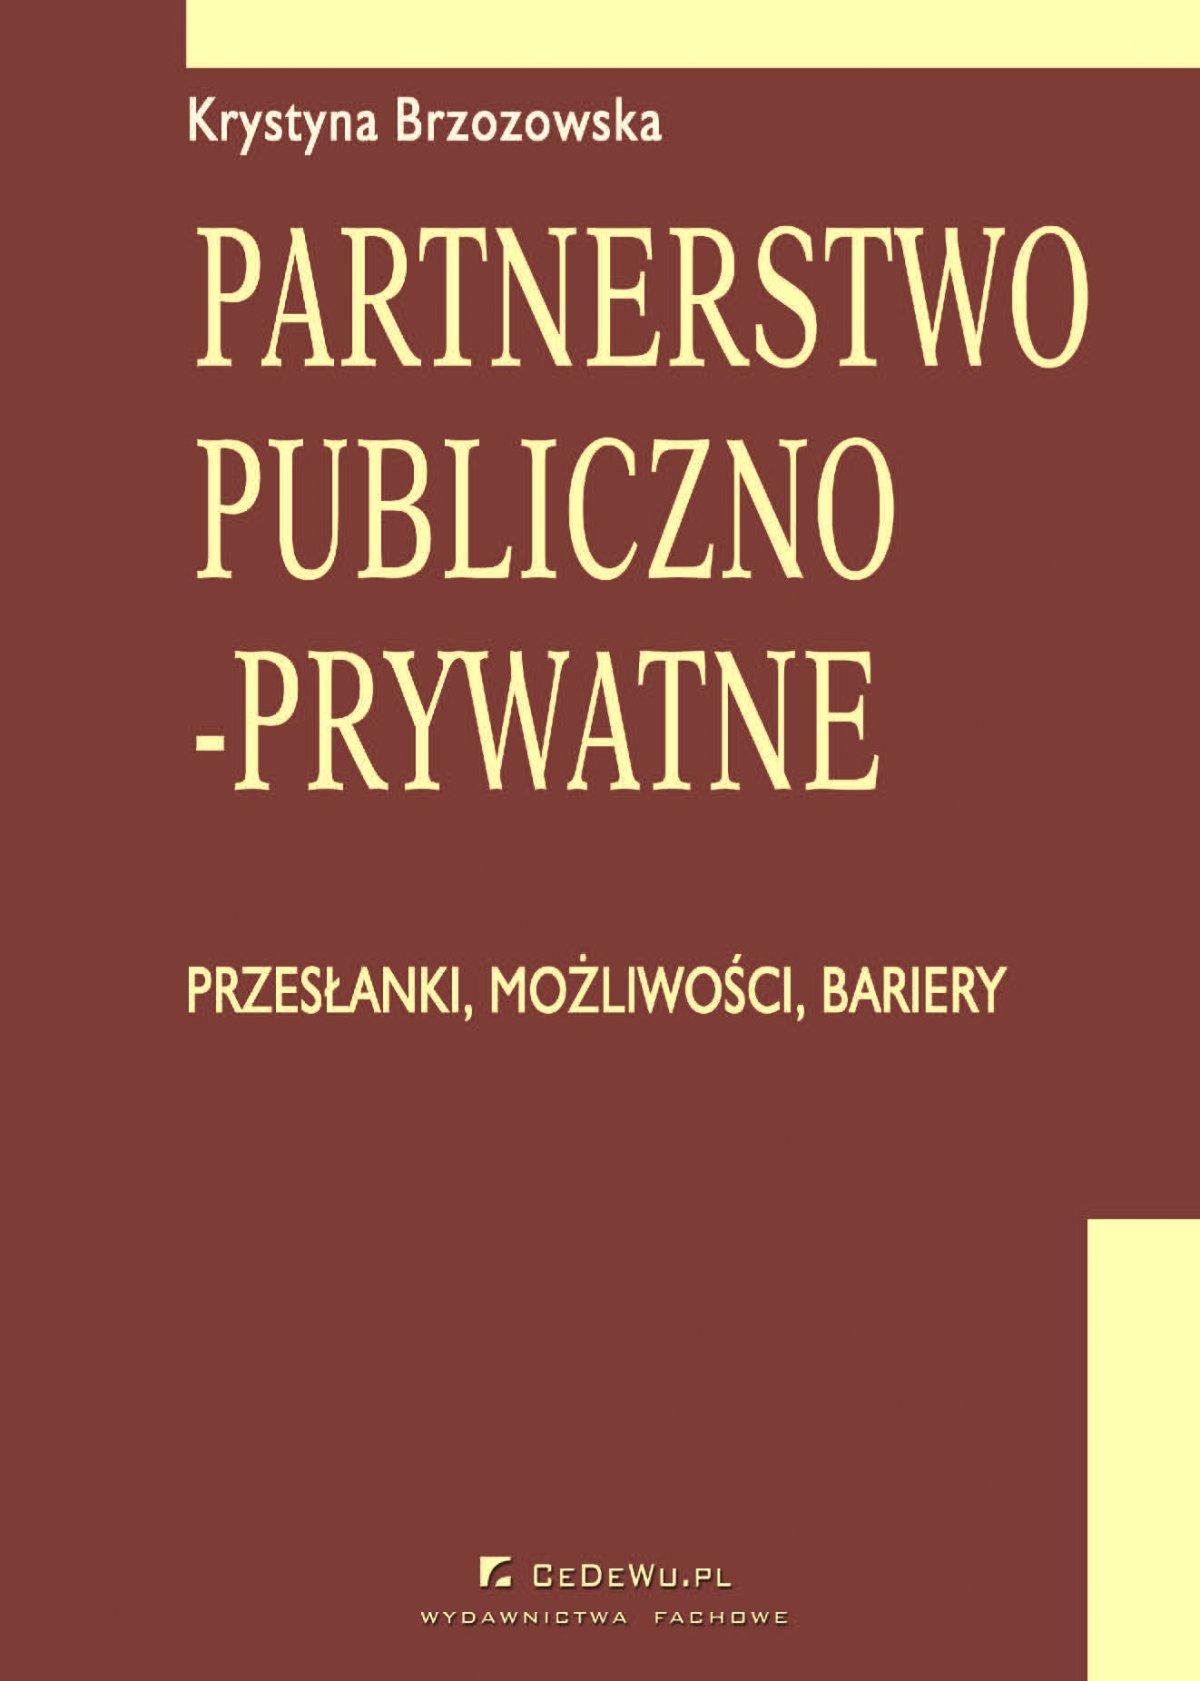 Partnerstwo publiczno-prywatne. Przesłanki, możliwości, bariery. Rozdział 8. Uwarunkowania ekonomiczne rozwoju projektów partnerstwa publiczno-prywatnego - Ebook (Książka PDF) do pobrania w formacie PDF